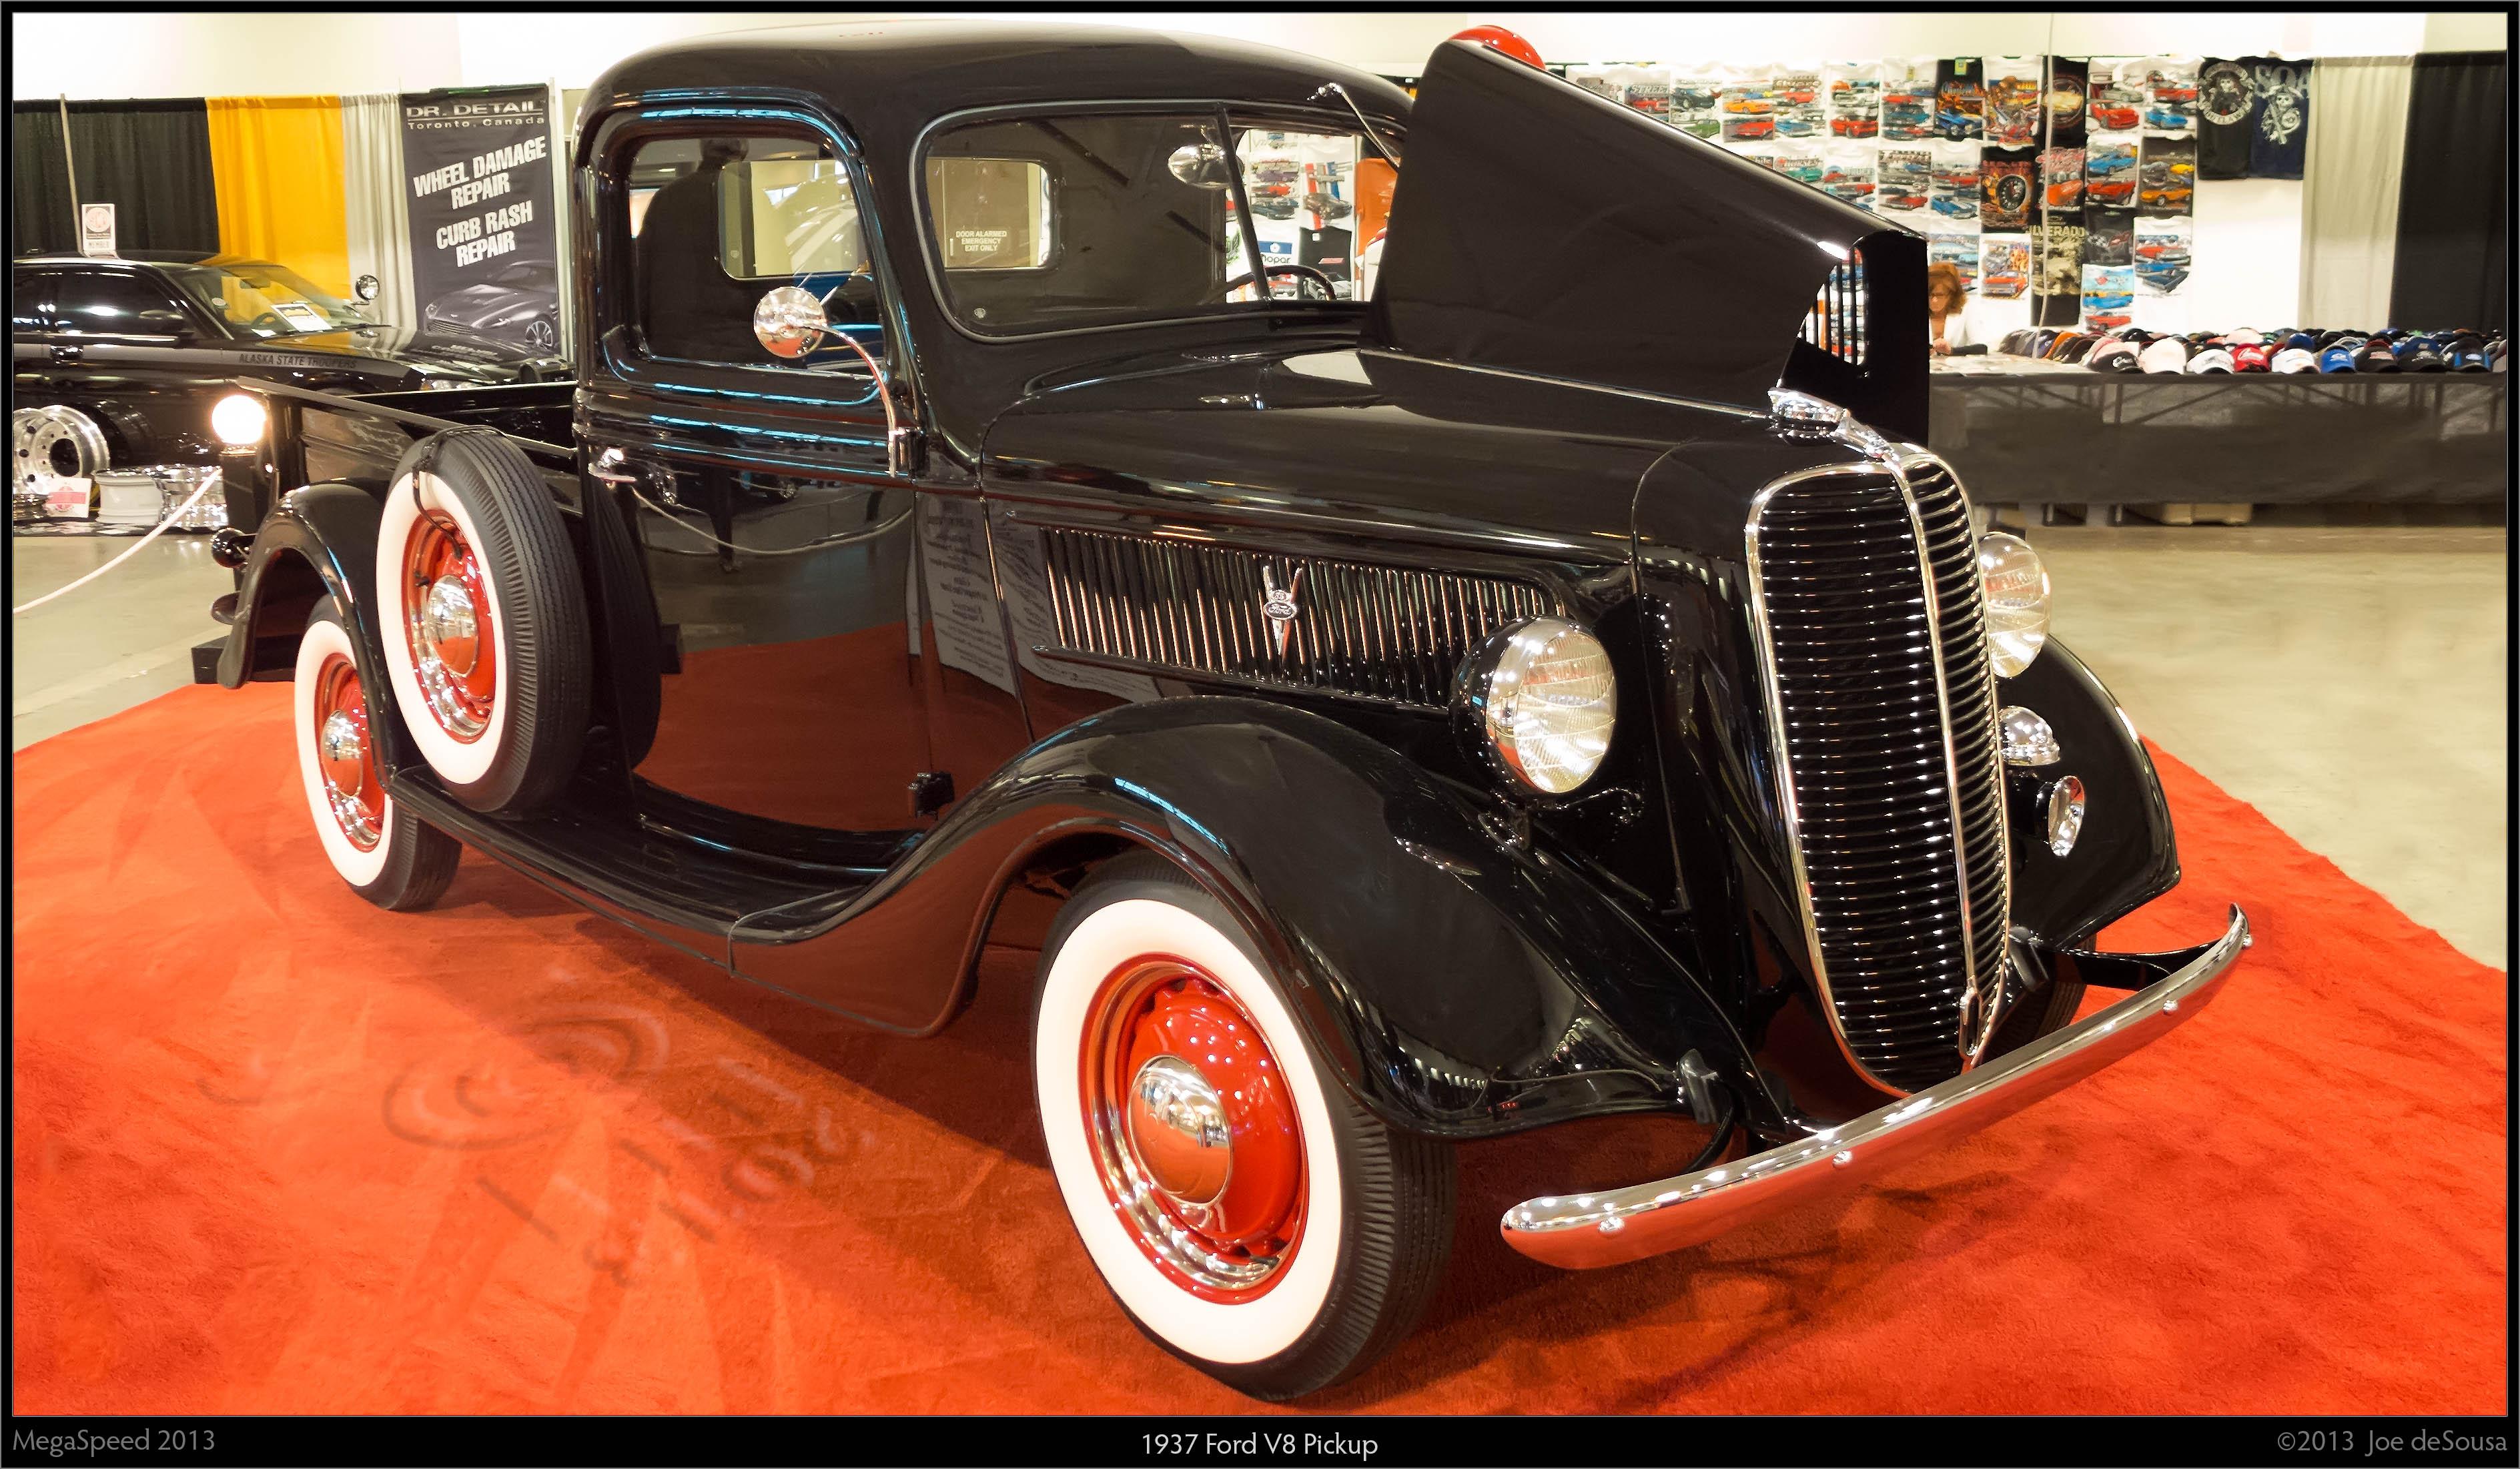 1937 Ford V8 Pickup, 1937, Mississauga, V8, Show, HQ Photo